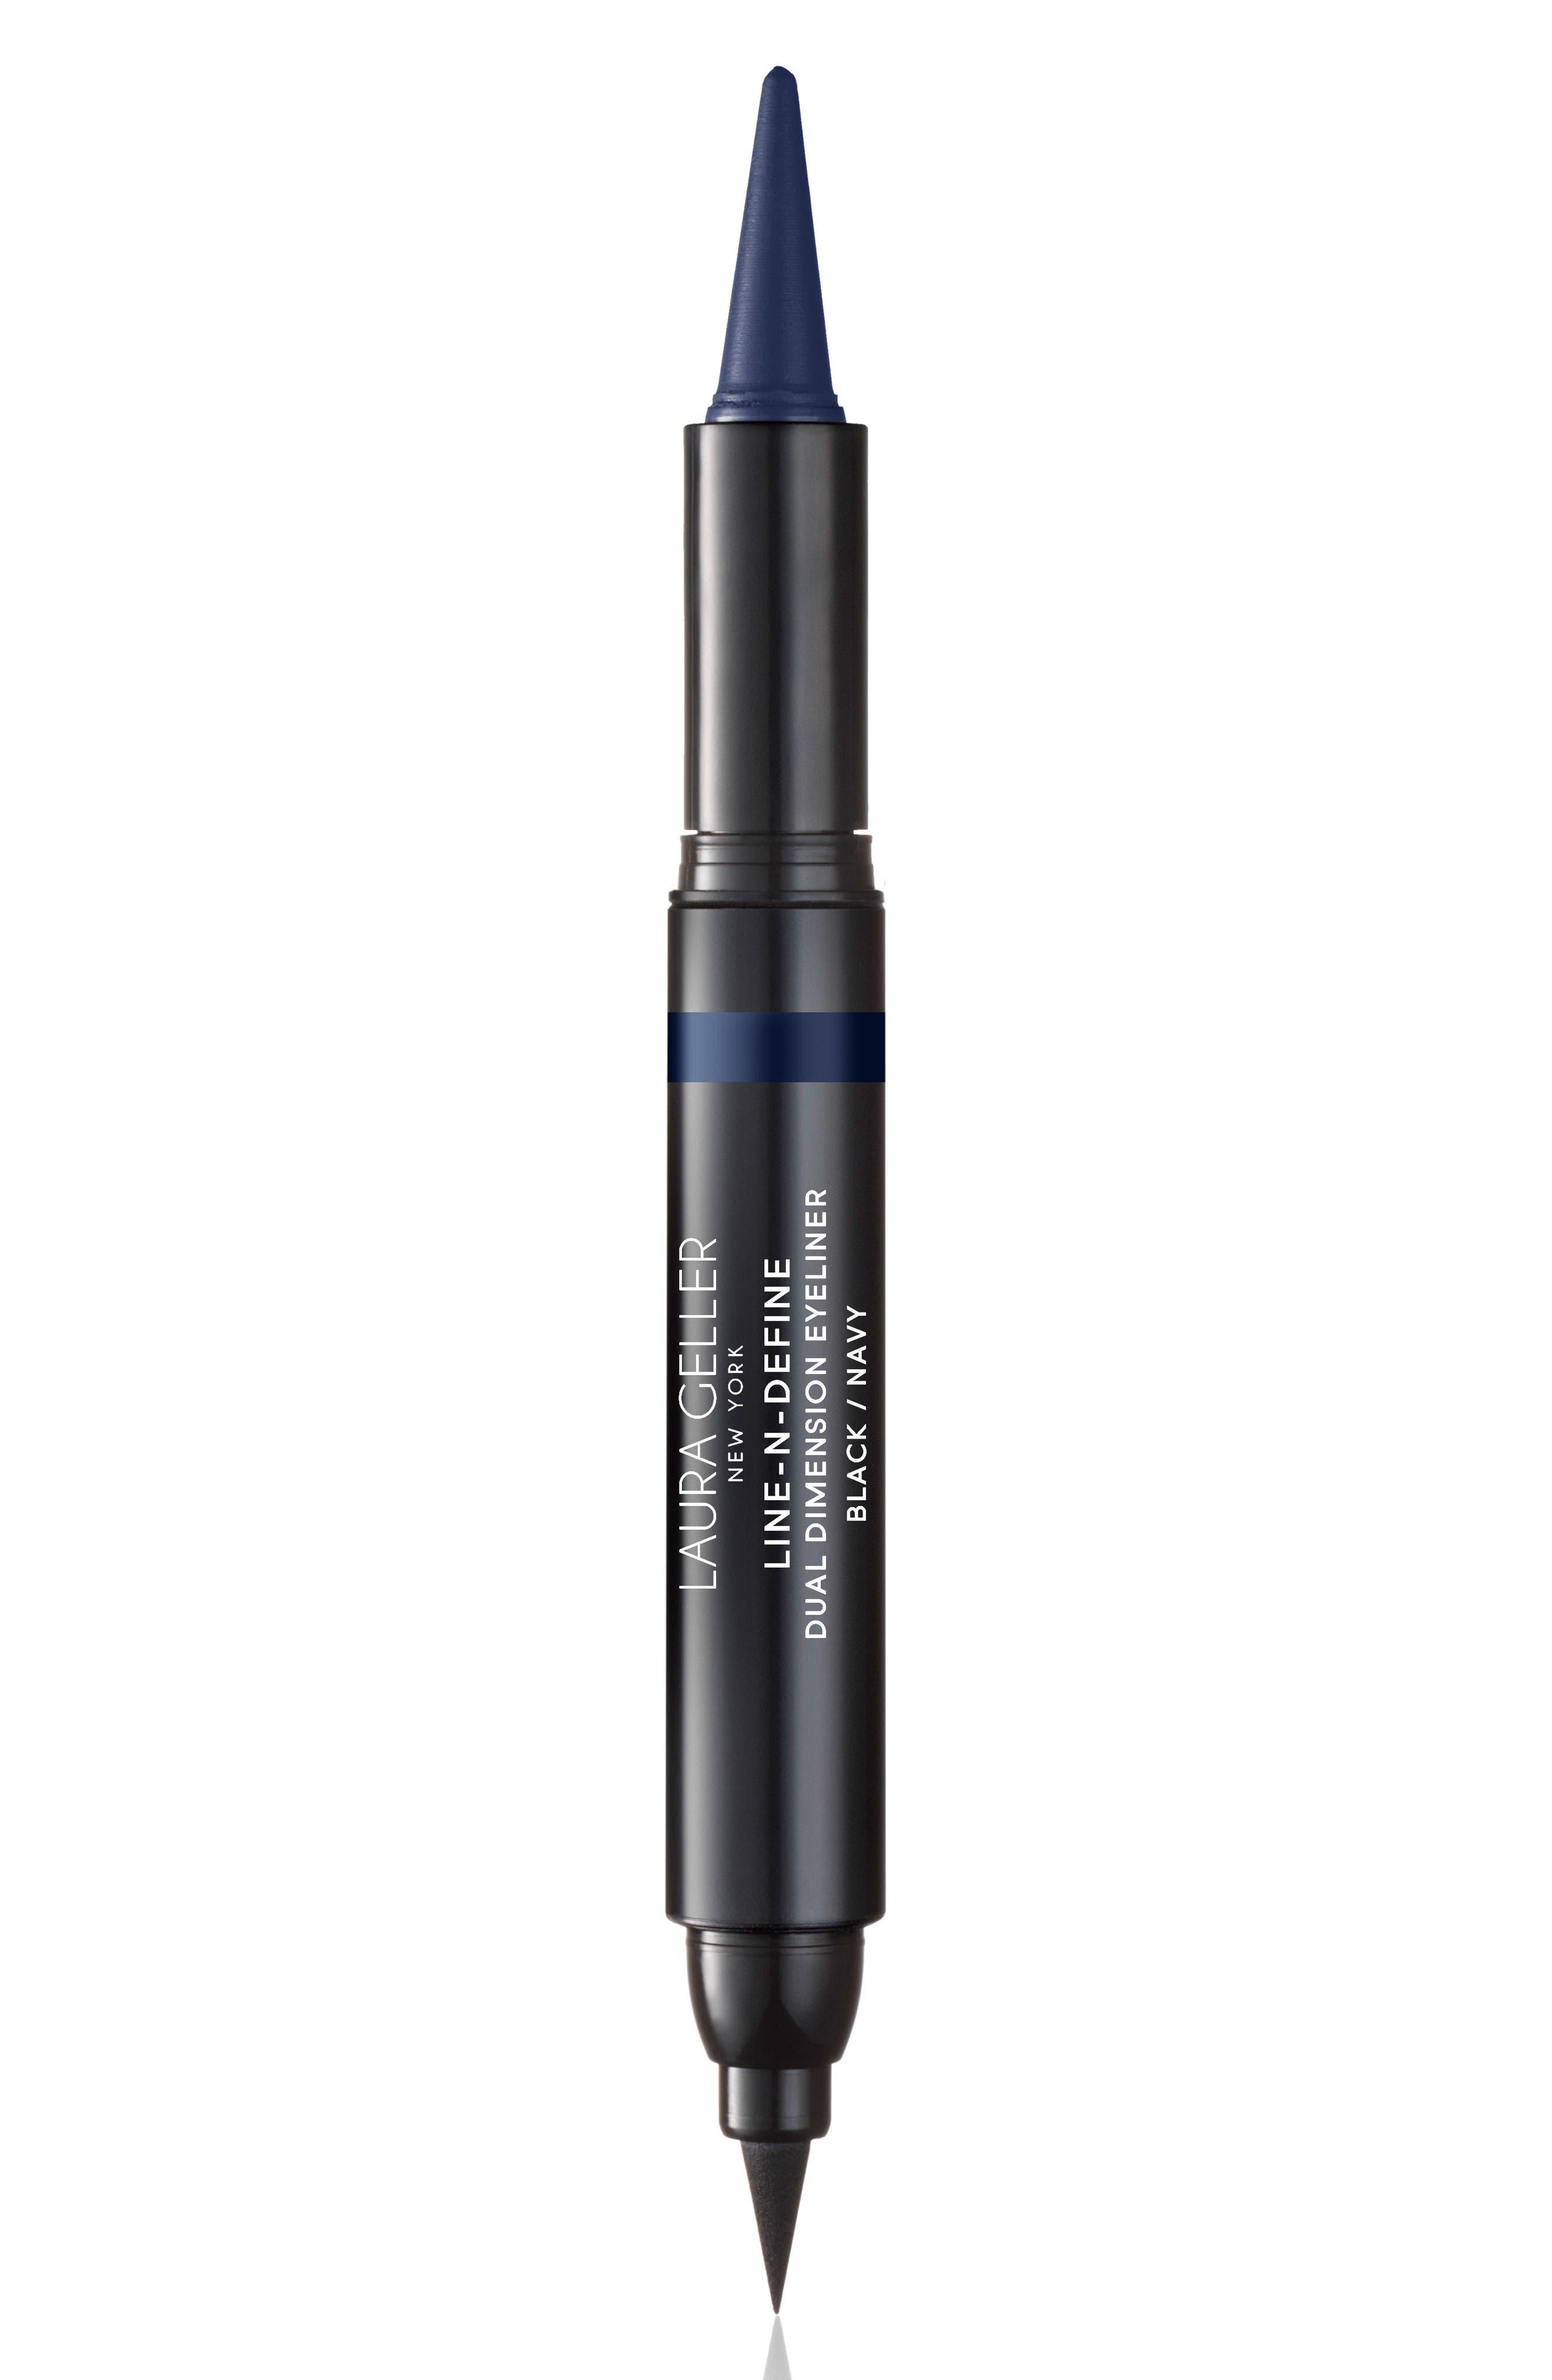 Laura Geller Beauty Line-N-Define Dual Dimension Eyeliner - Navy